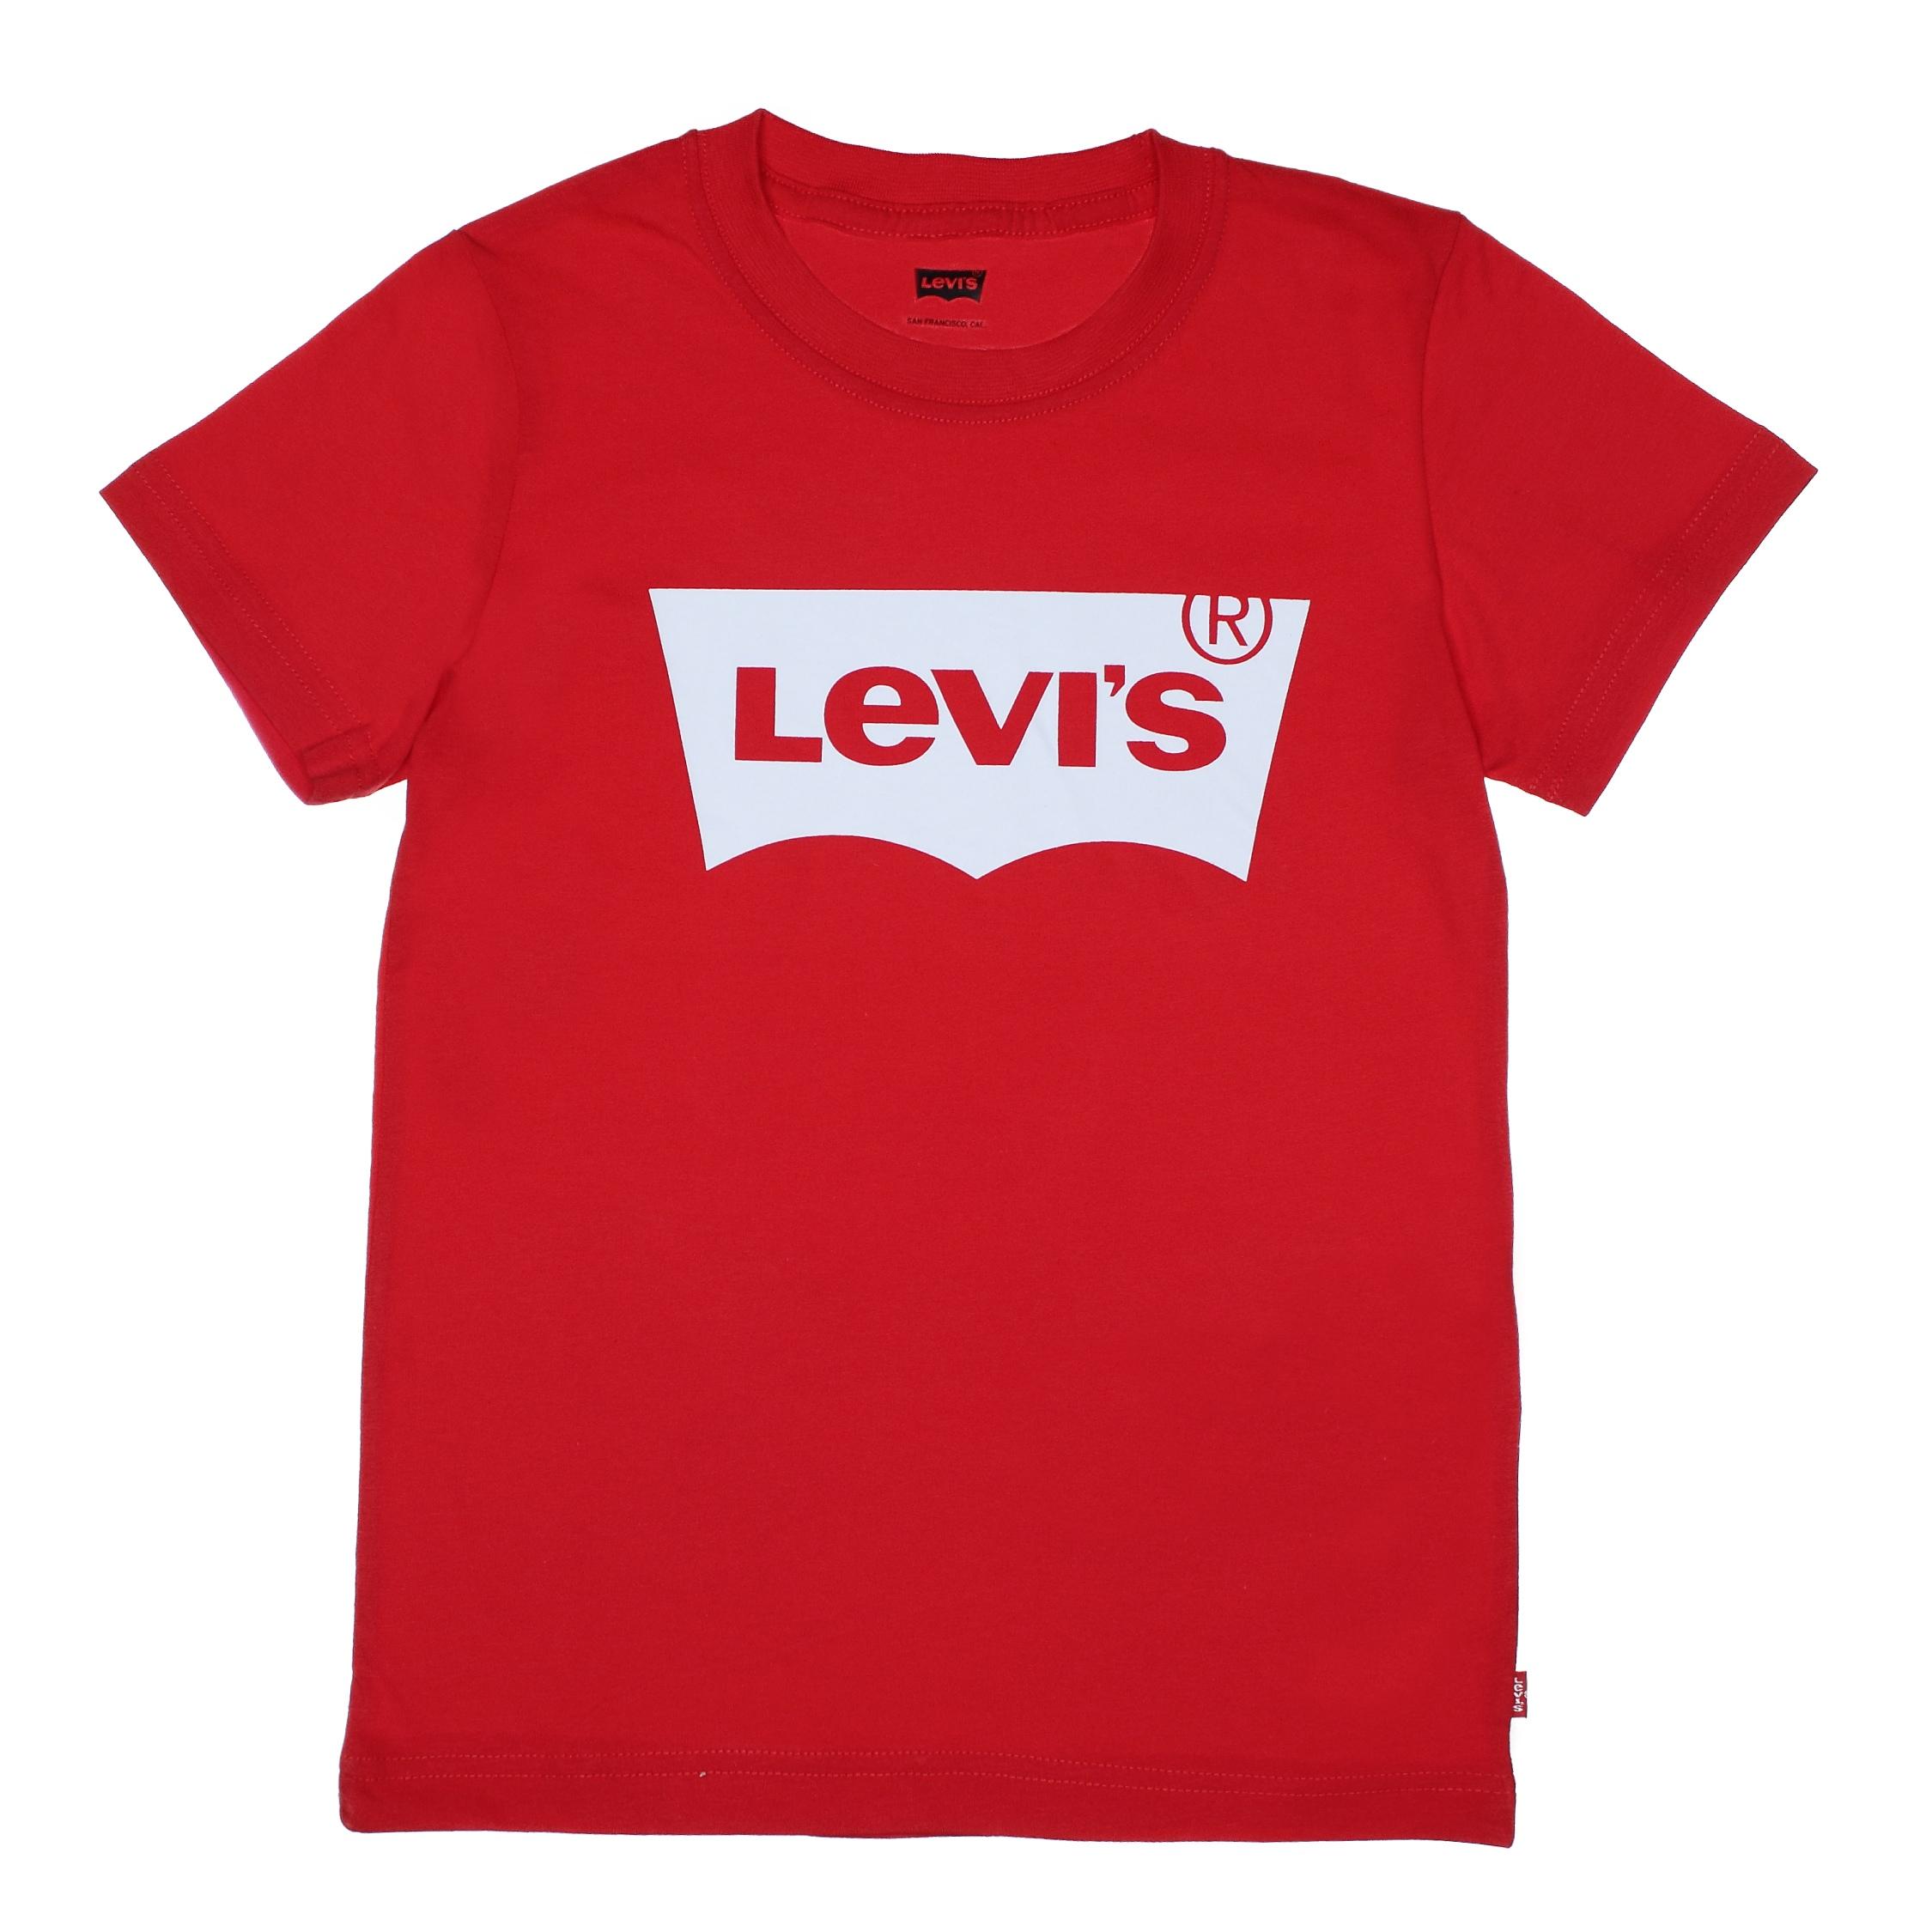 https://www.leadermode.com/183929/levi-s-kids-8157-r1r-levis-red-white.jpg